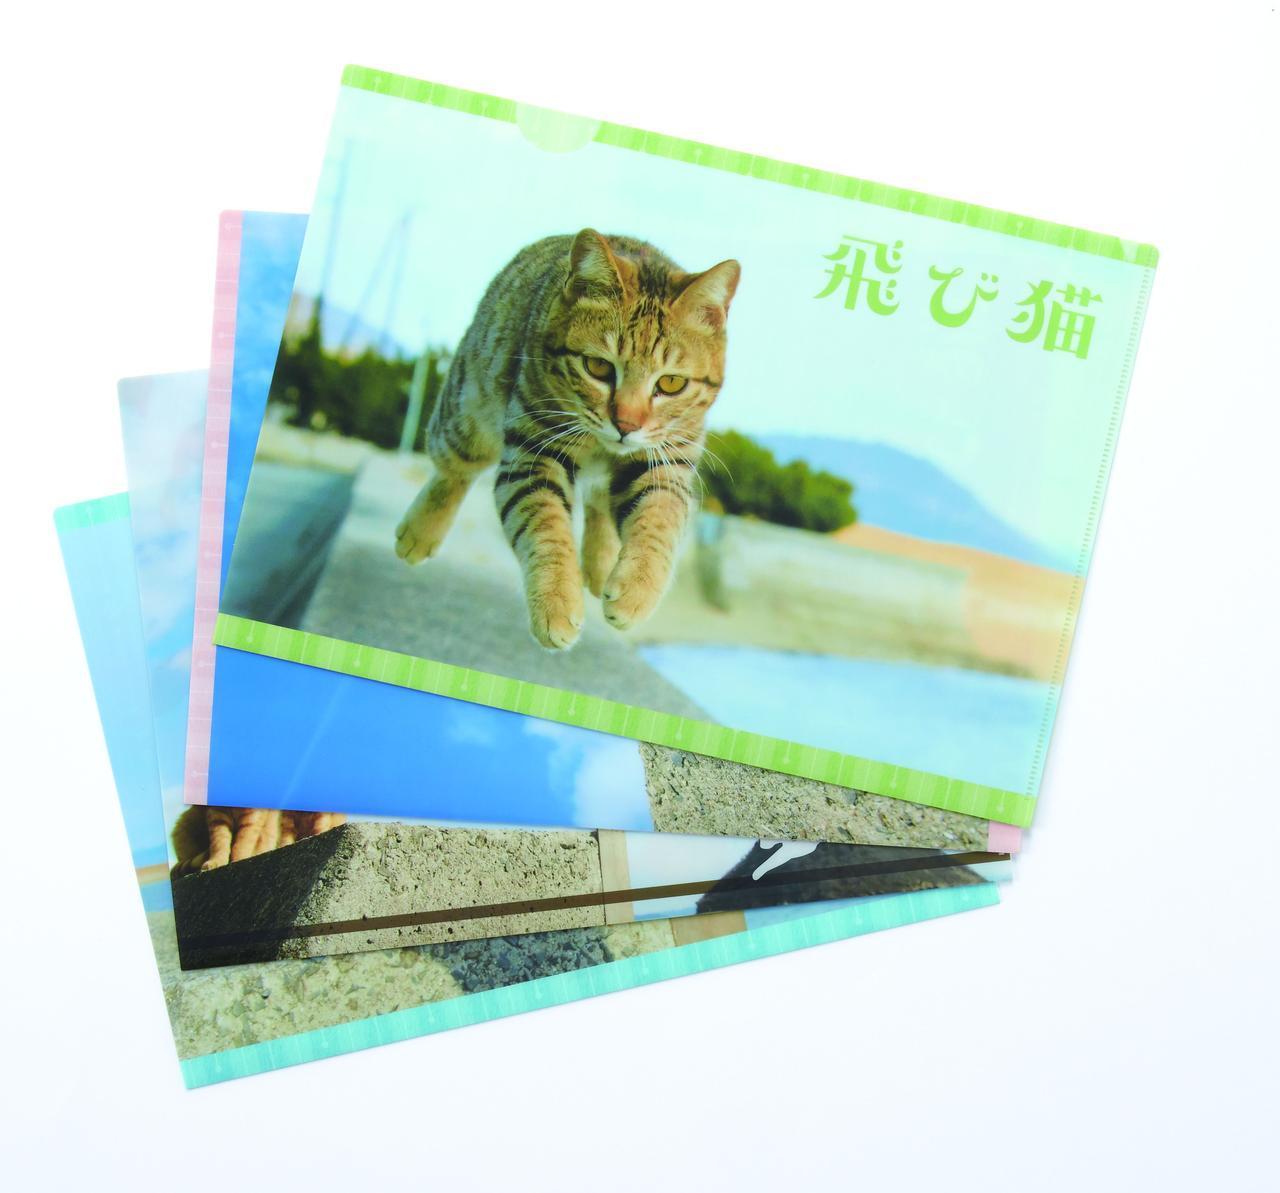 画像: ▲五十嵐健太 「飛び猫クリアファイル」各378円